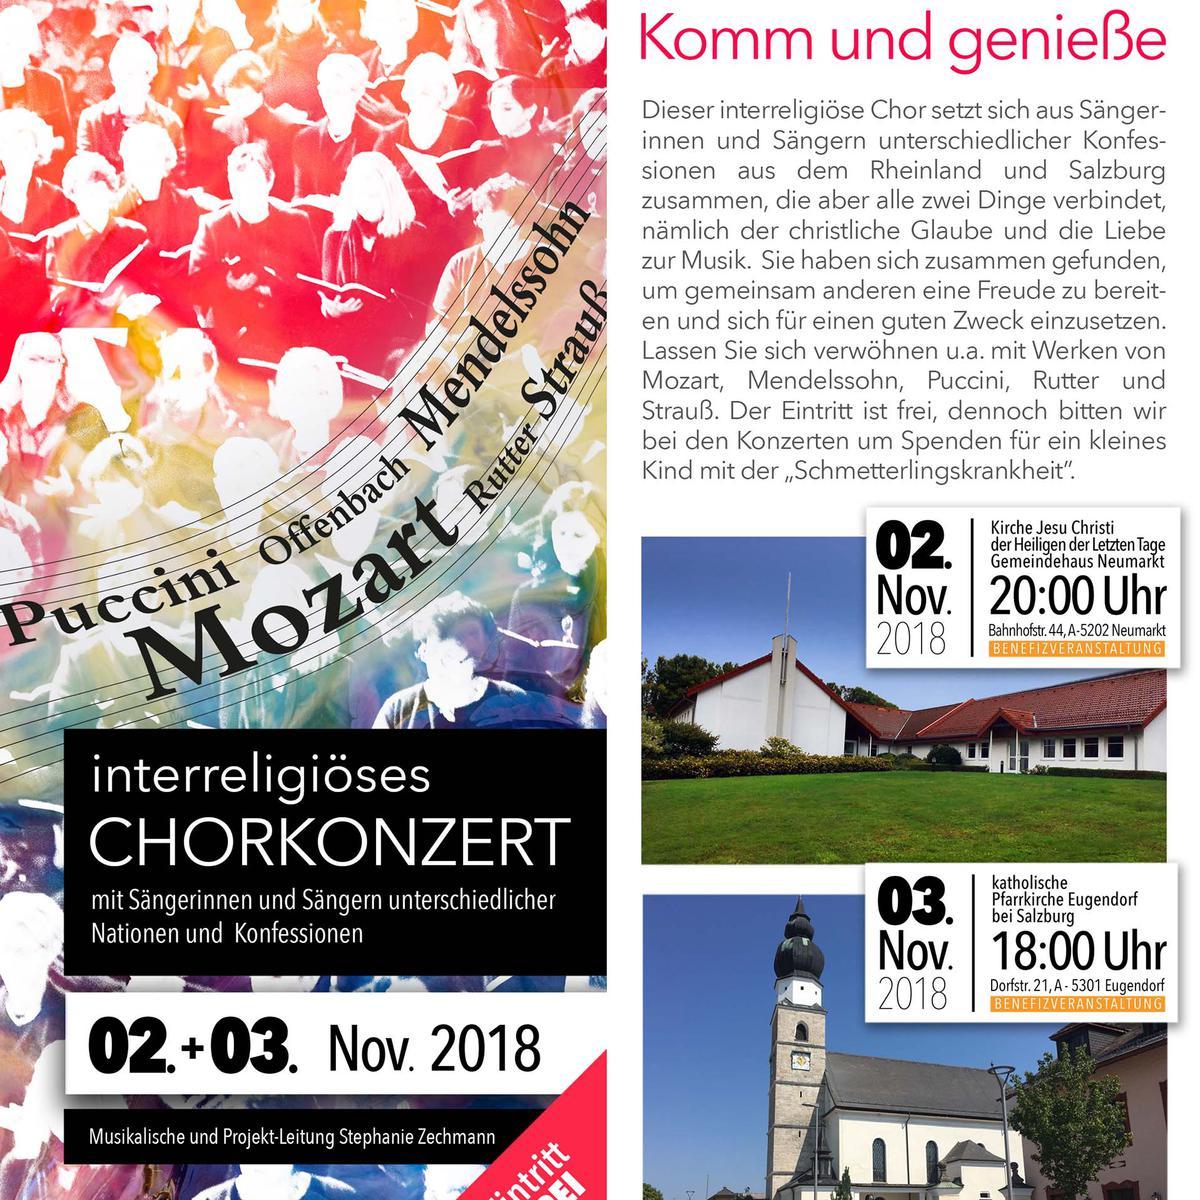 Interreligiöses Chorkonzert Neumarkt und Salzburg